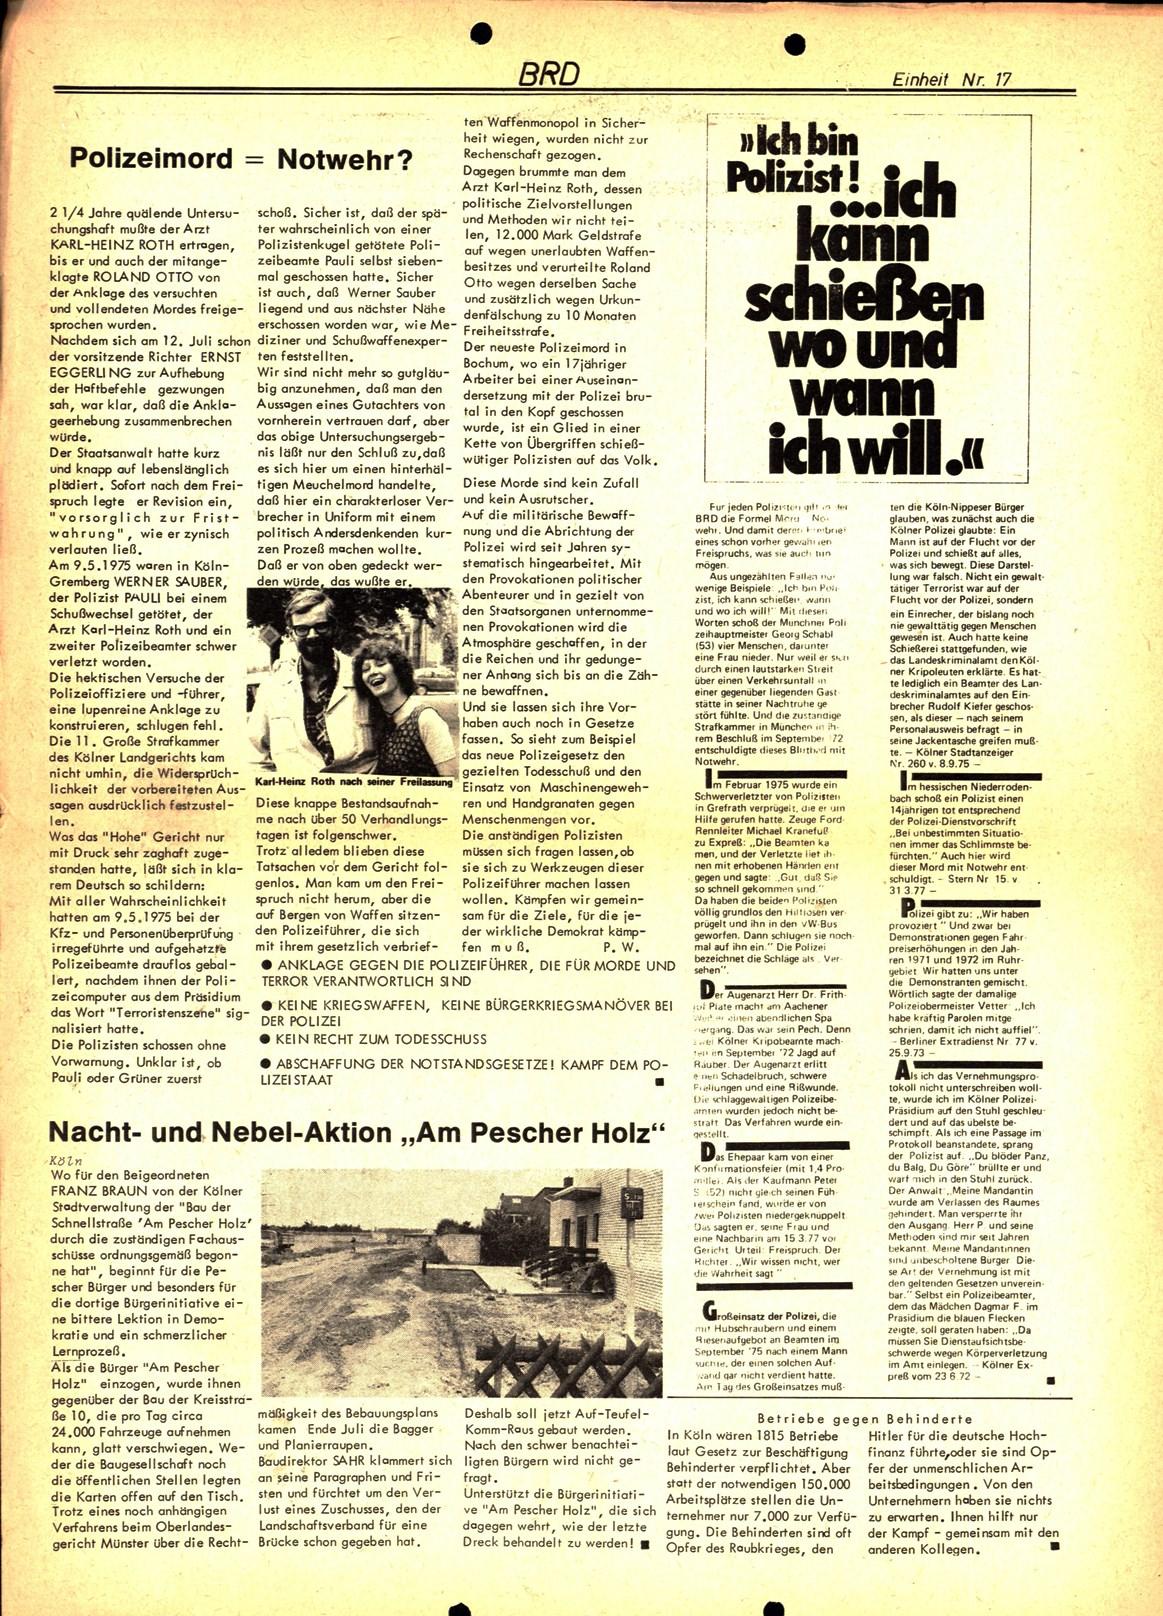 Koeln_IPdA_Einheit_1977_017_017